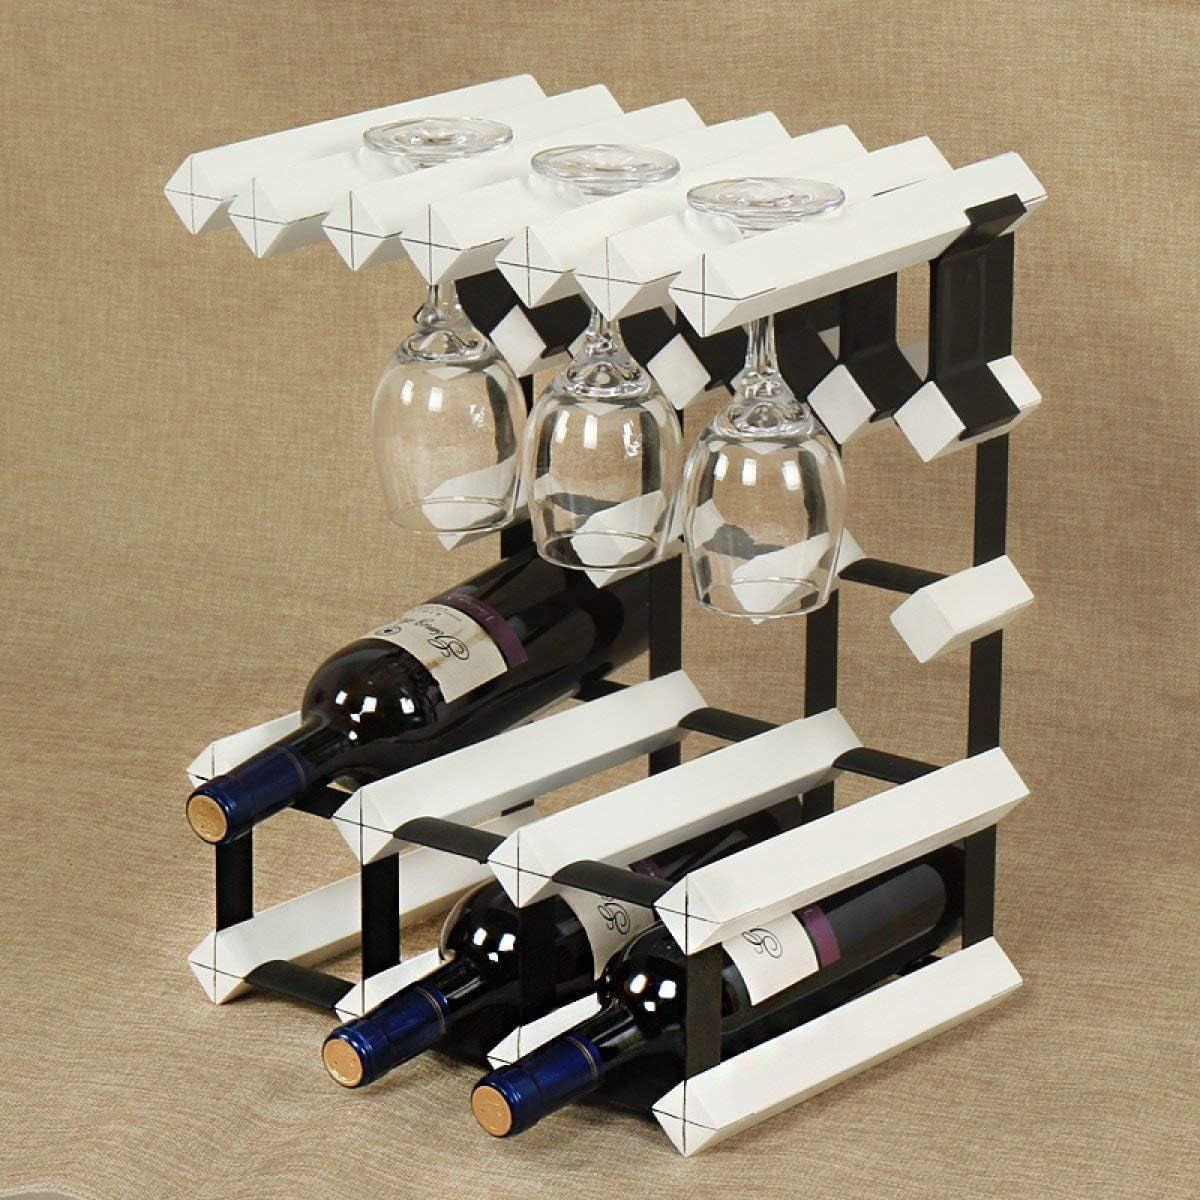 El estante del vino NaNa Estante del vino adornos de madera maciza creativo restaurante armario de vino europeo sólido bastidor copa de madera estante del vino (Color: Blanco) estante de cristal del v